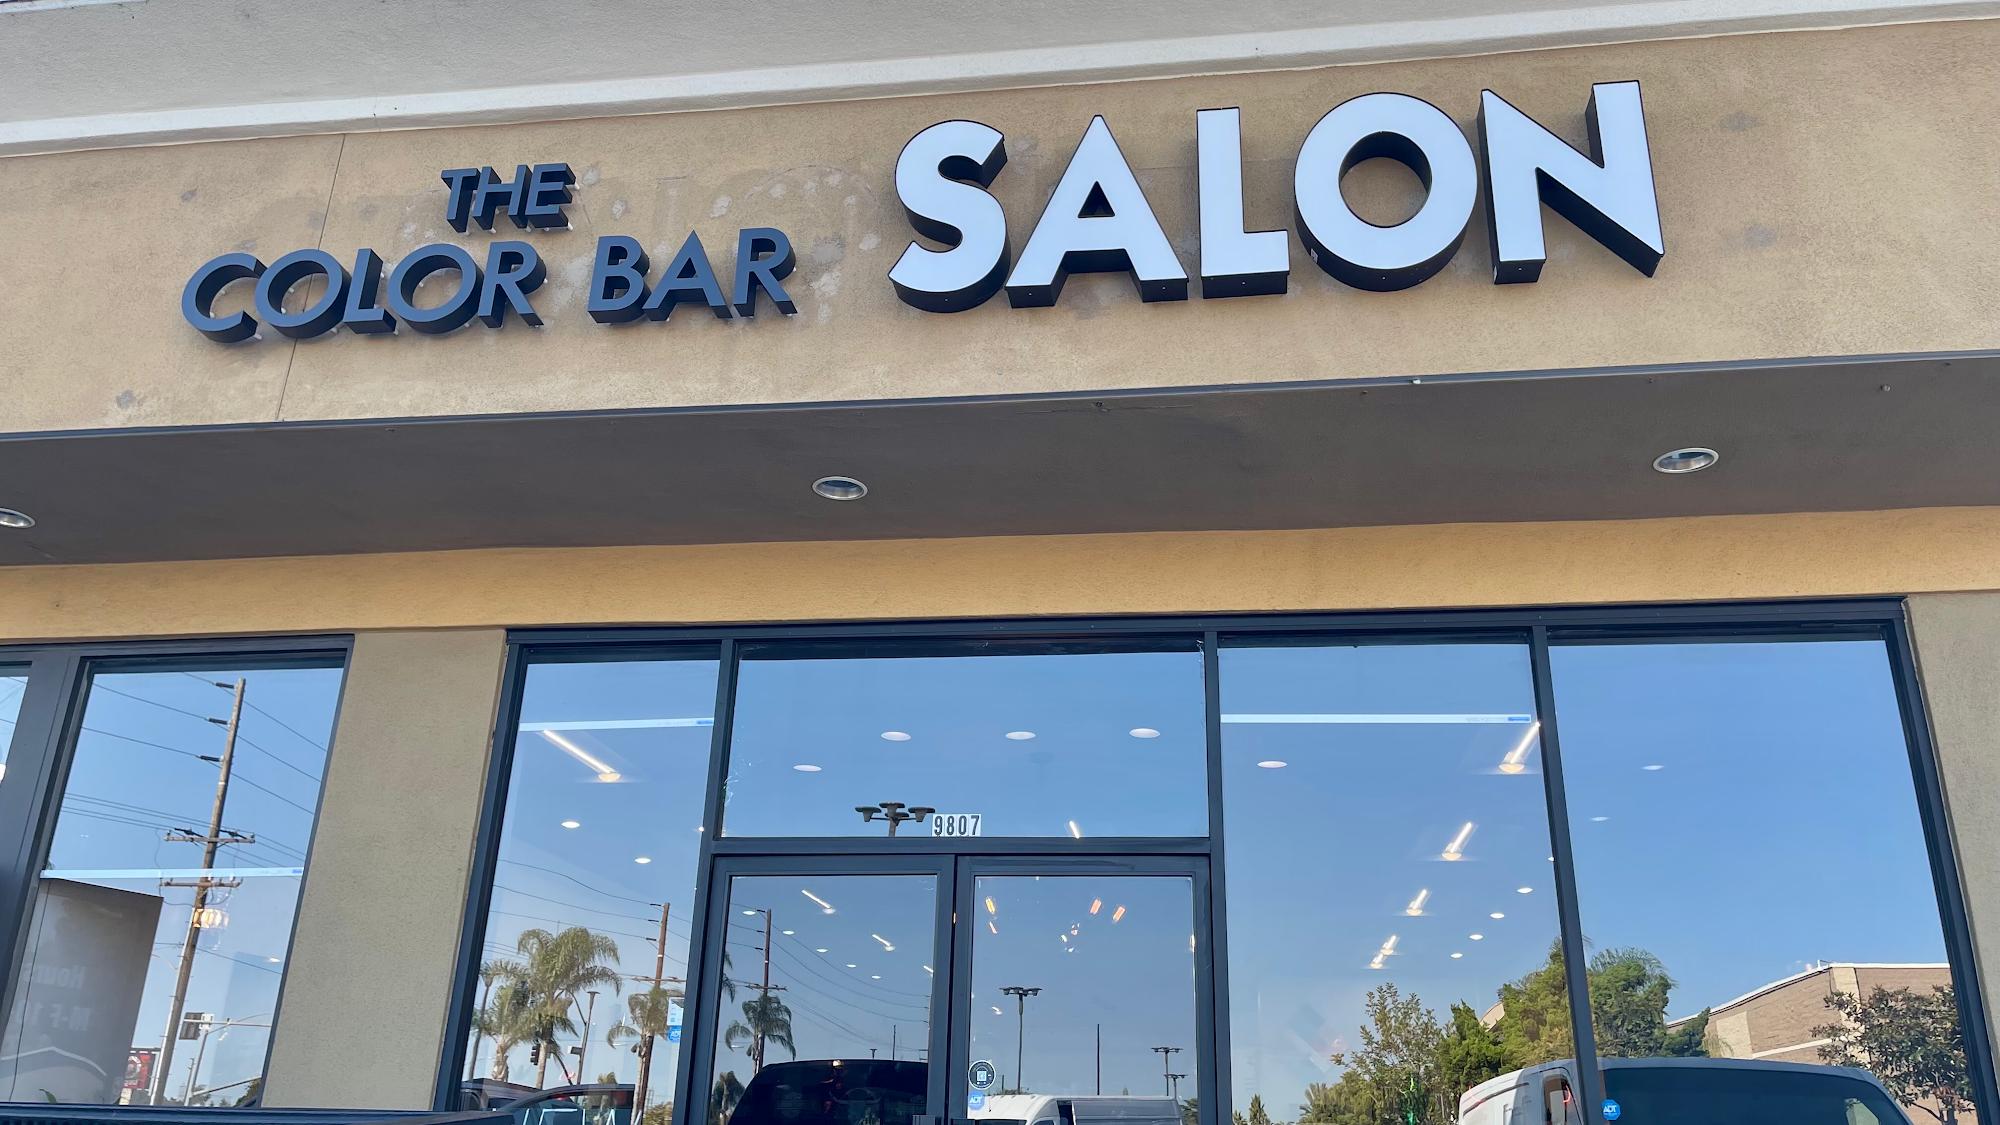 The Color Bar Salon Huntington Beach 9807 Adams Ave, Huntington Beach